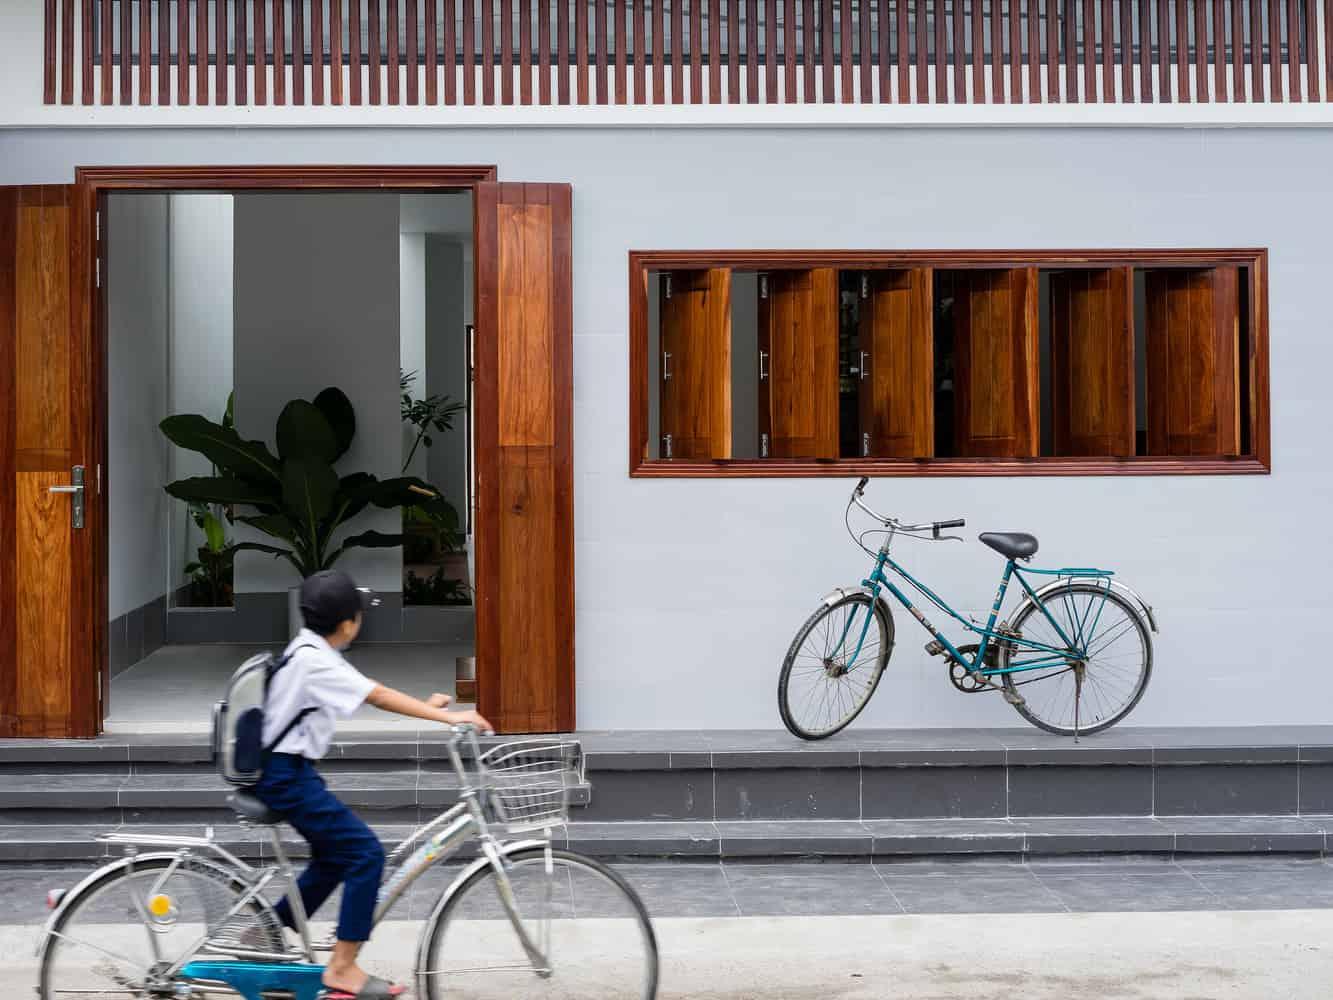 Ngôi nhà có diện tích 96 m2 thuộc một khu dân cư đông đúc ở huyện Tuy Phong, Bình Thuận